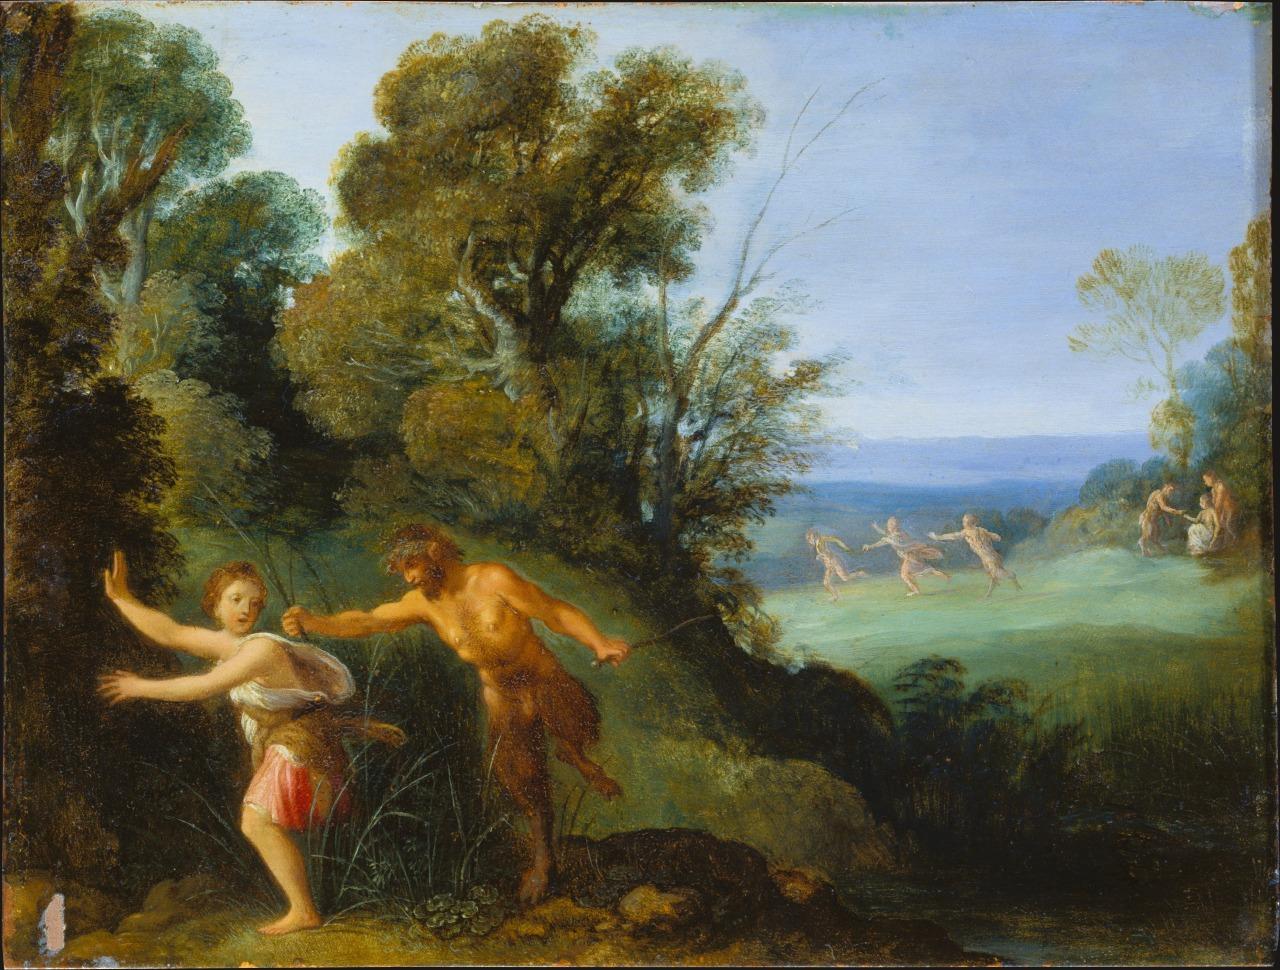 Adam Elsheimer (German ,1578 - 1610) Pan Et Syrinx ,1610 #upl#va#art#painting#oil painting#Adam Elsheimer